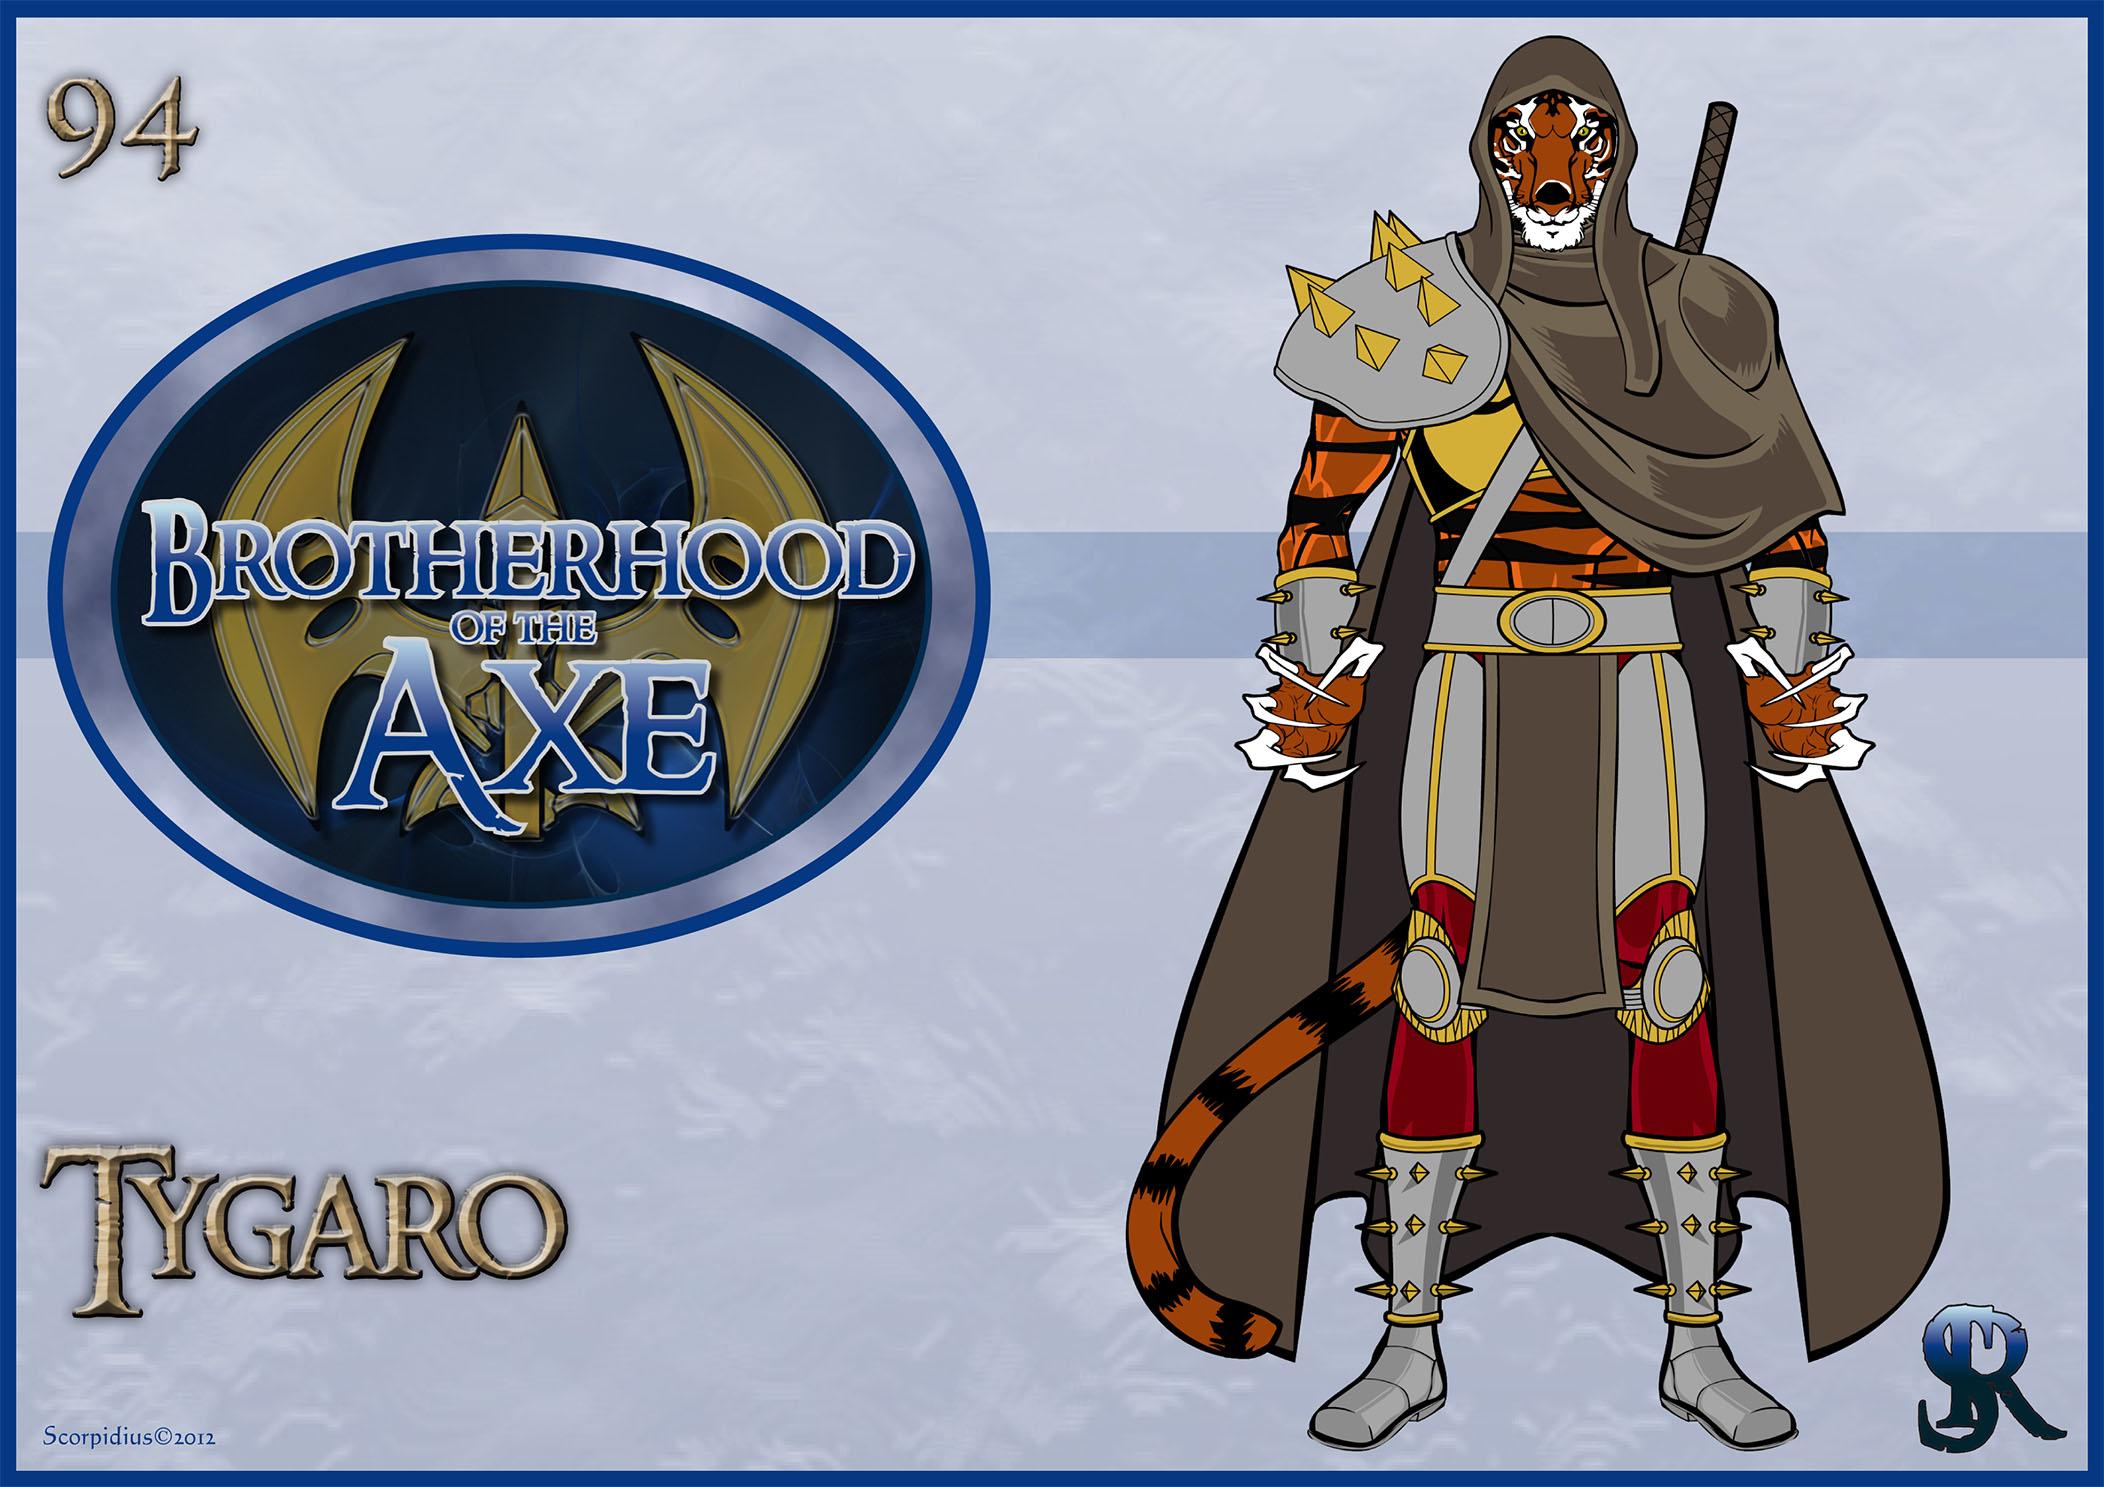 http://www.heromachine.com/wp-content/legacy/forum-image-uploads/scorpidius/2012/03/094-Tygaro.jpg